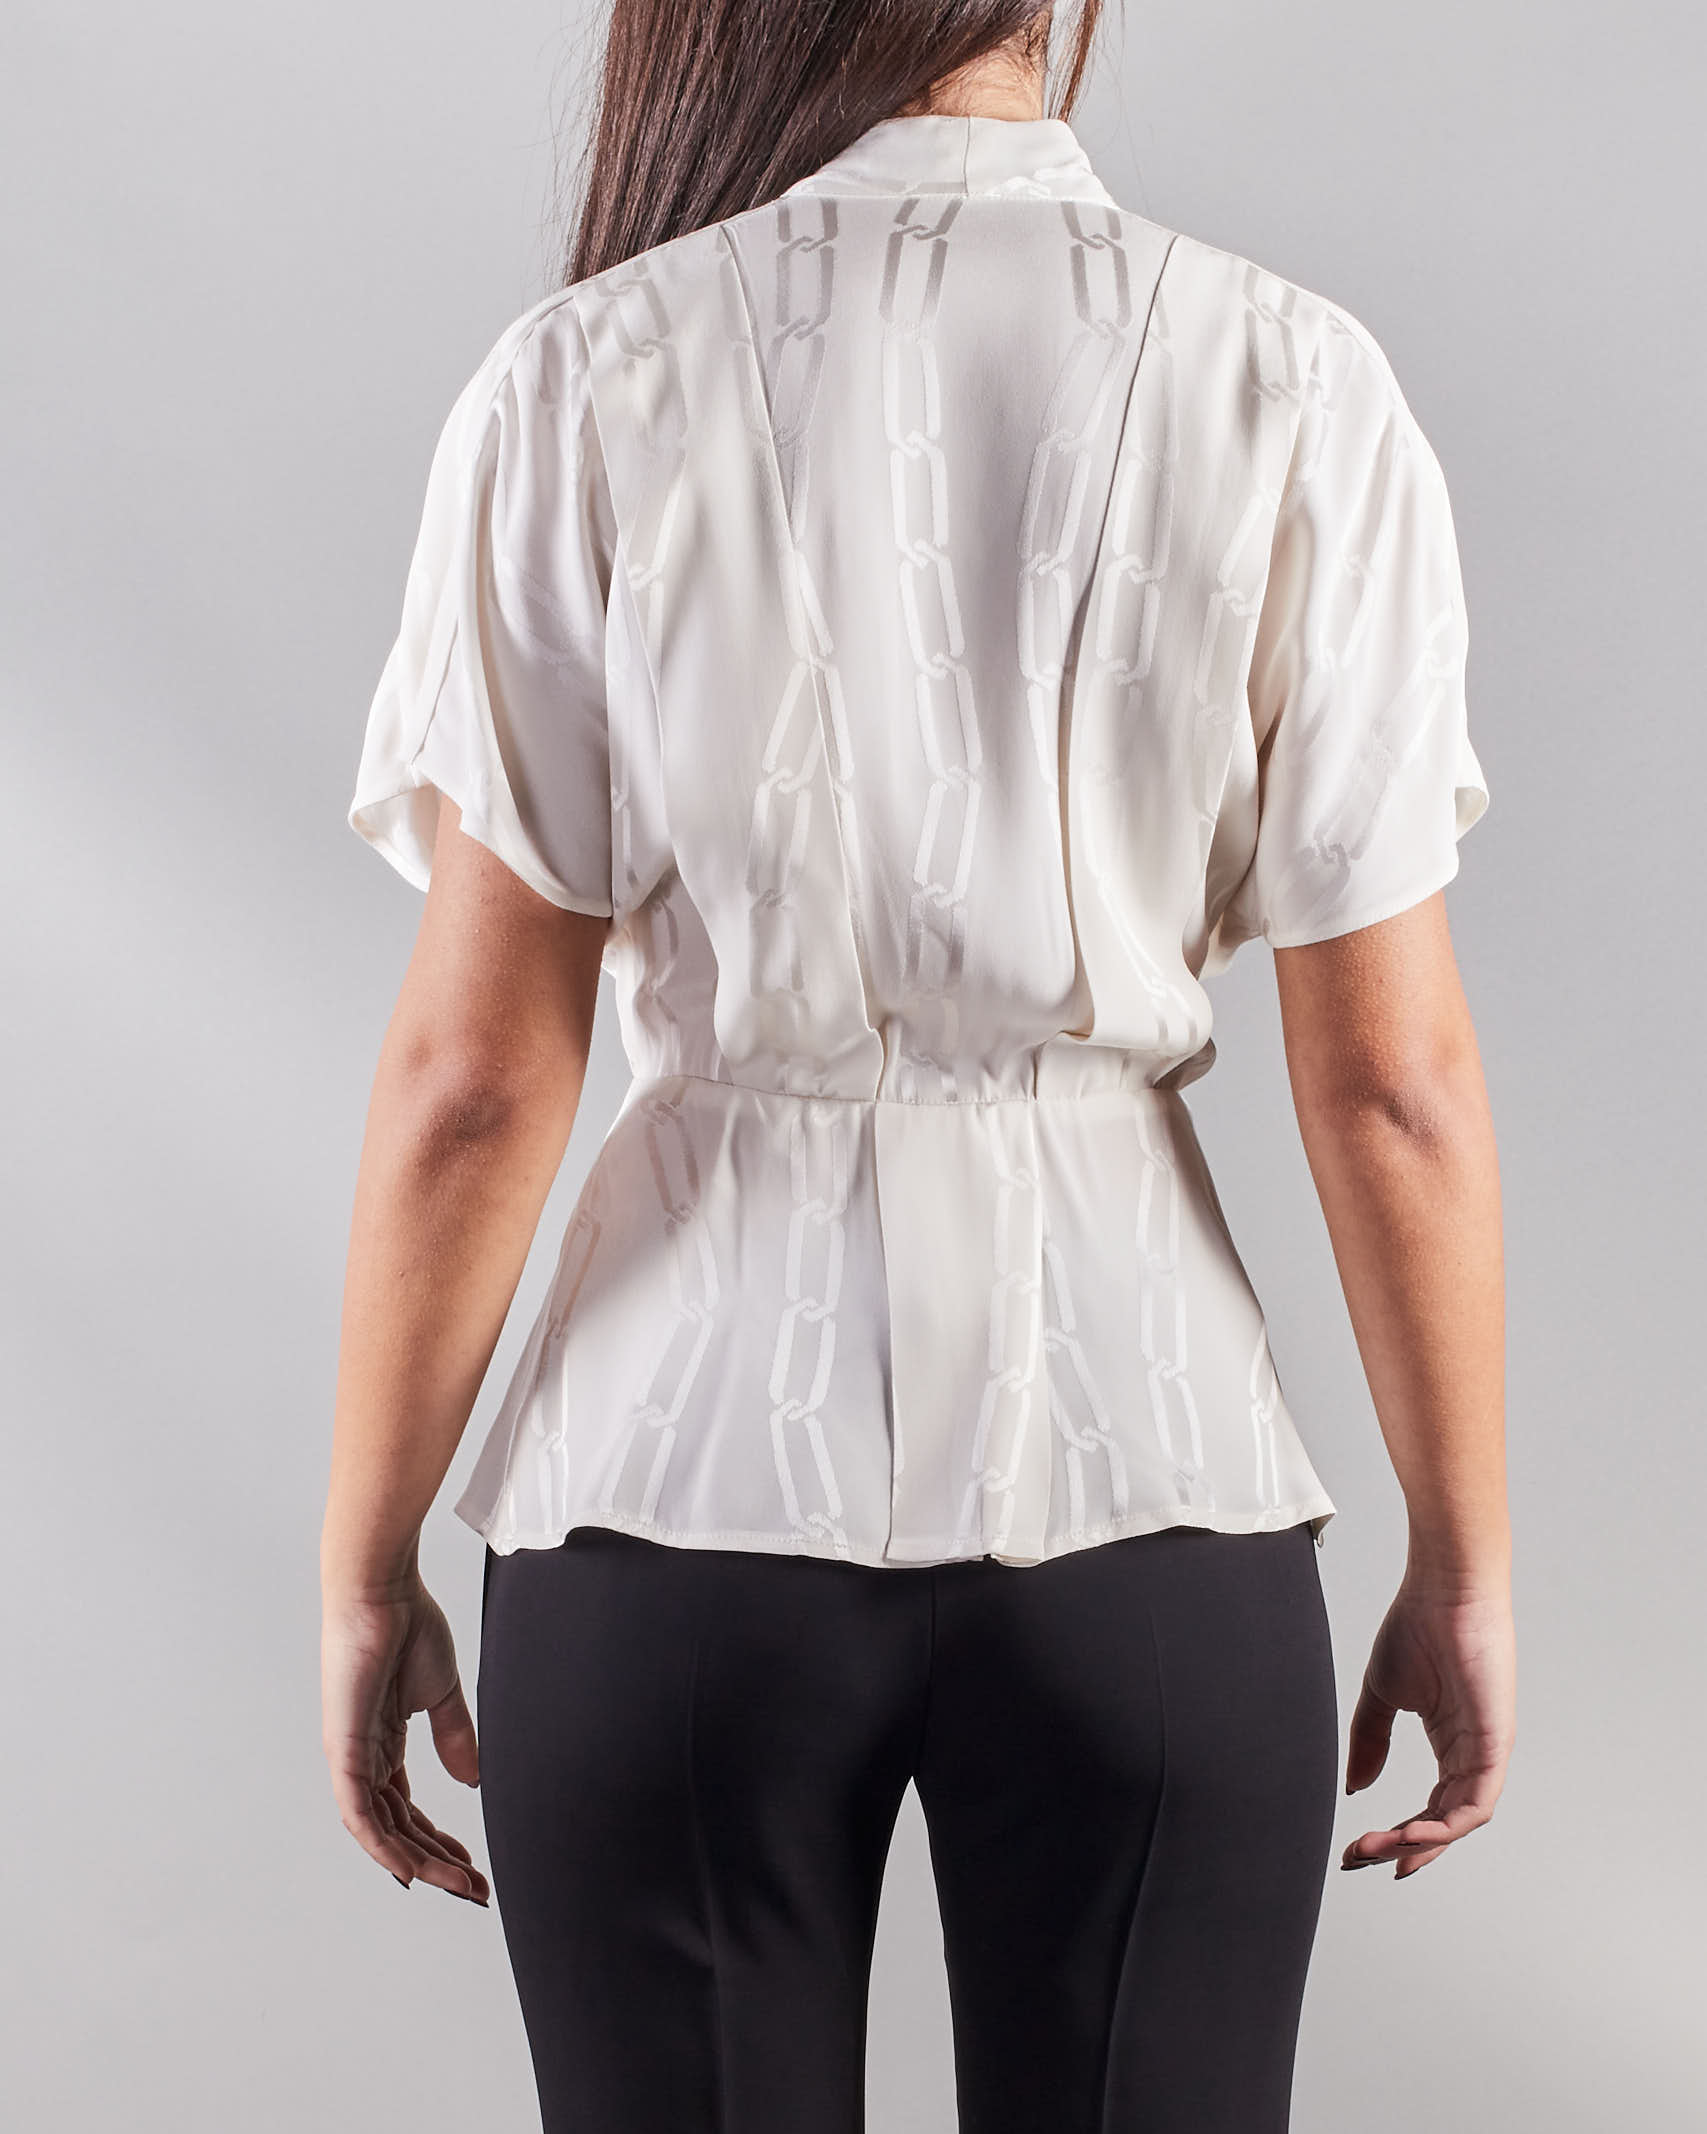 Blusa stampata Simona Corsellini SIMONA CORSELLINI   Blusa   BL00801TJAQ0020359